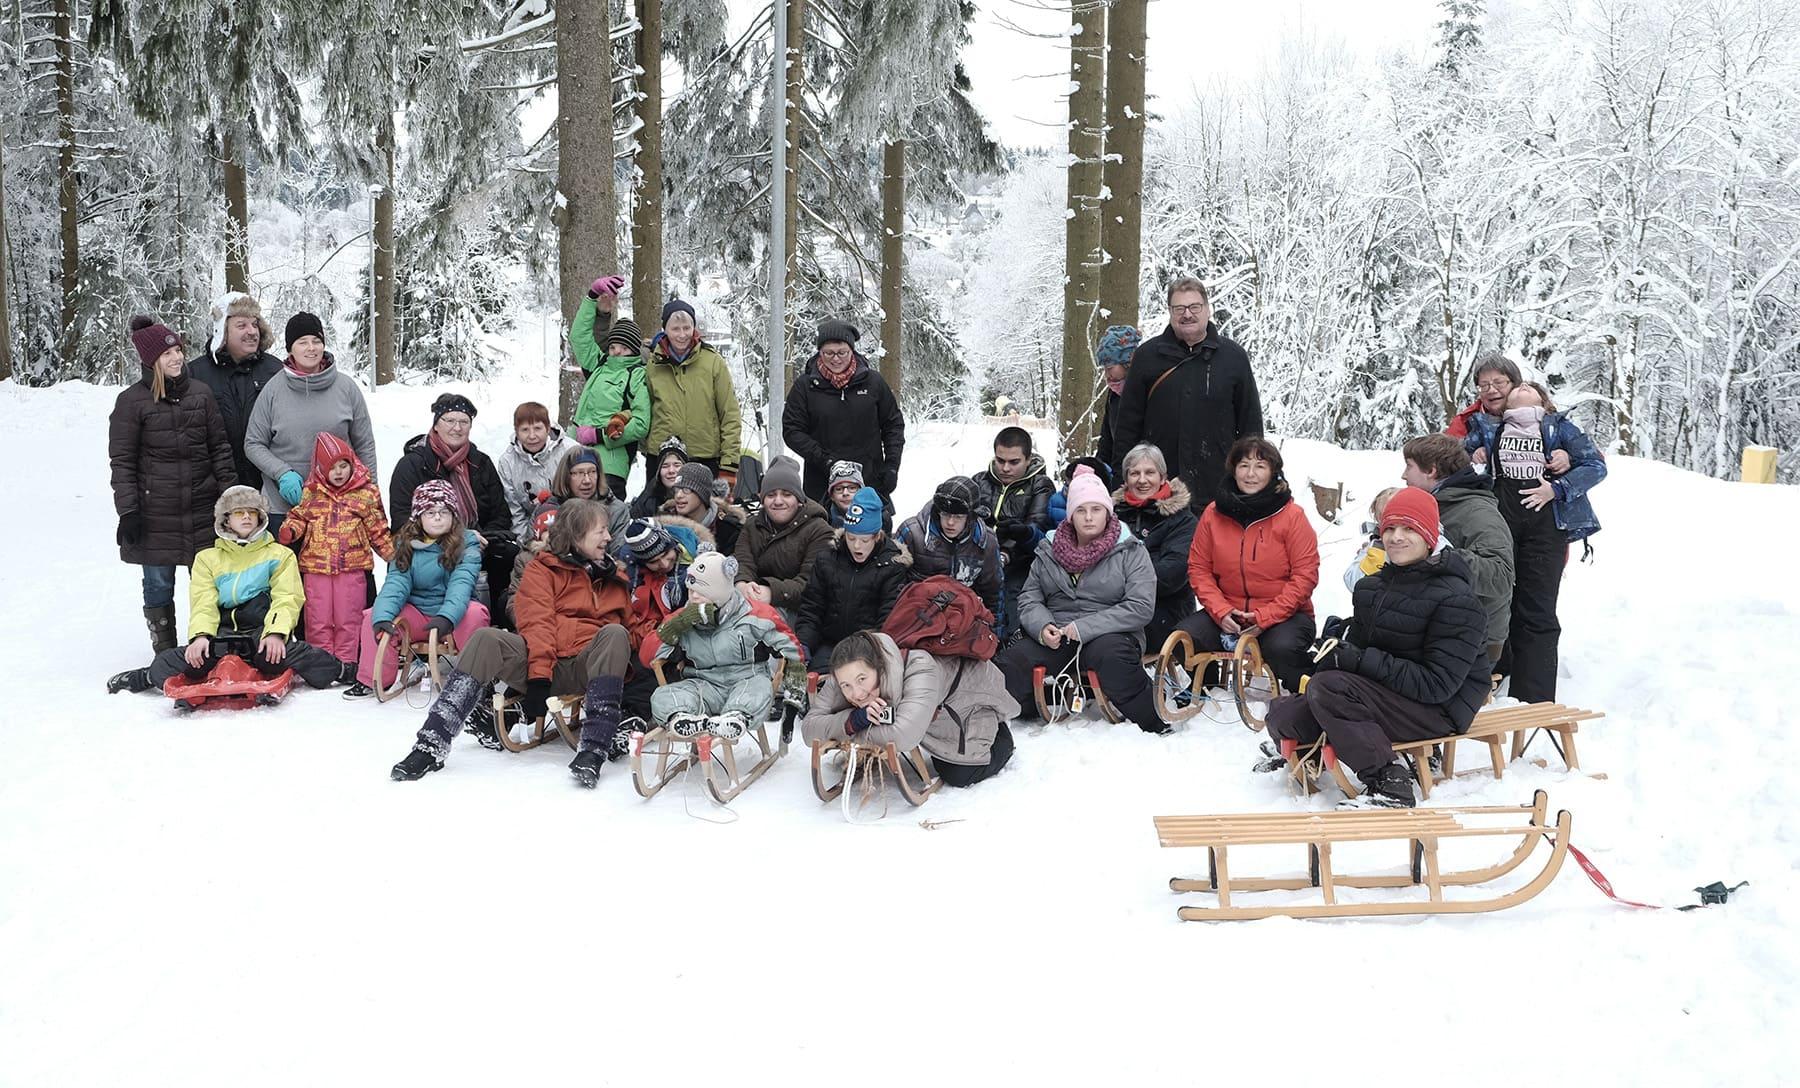 Rodeln und Wintersport ist Sport und Vergnügen für alle Beteiligten